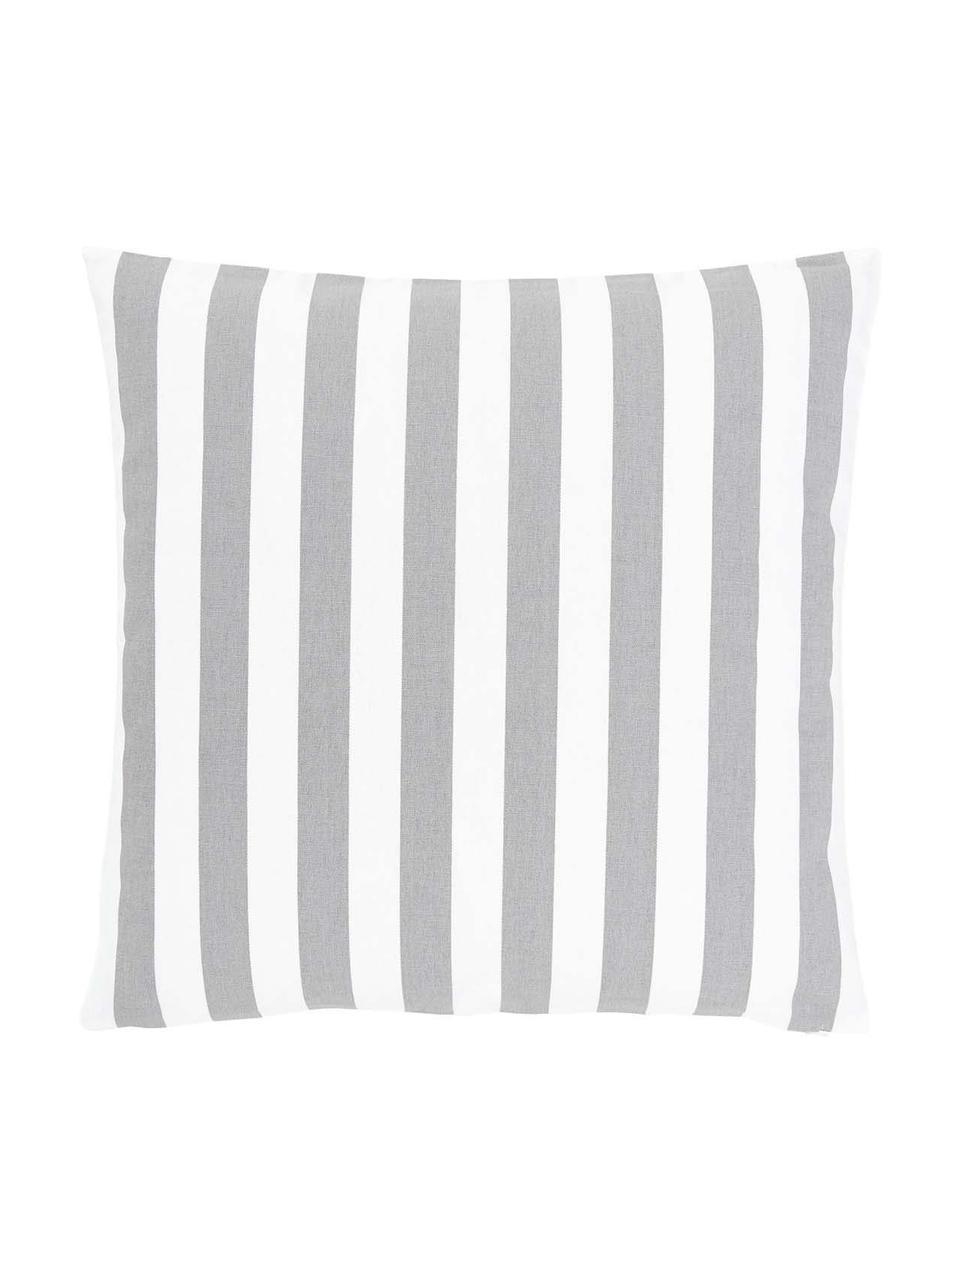 Federa arredo a righe color grigio chiaro/bianco Timon, 100% cotone, Grigio chiaro, bianco, Larg. 50 x Lung. 50 cm